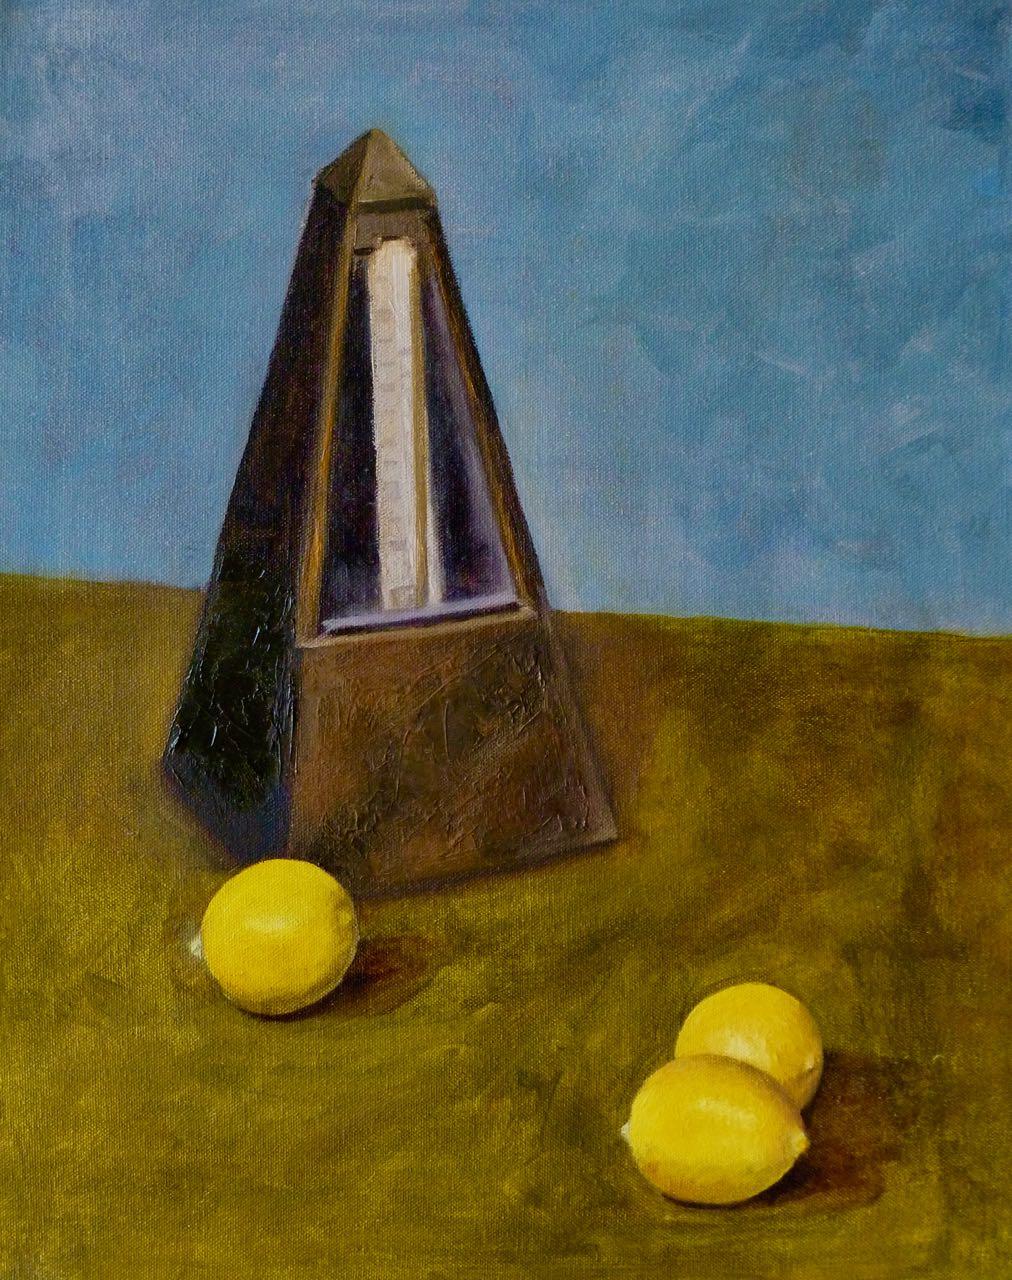 A. Friedman metronome with lemons